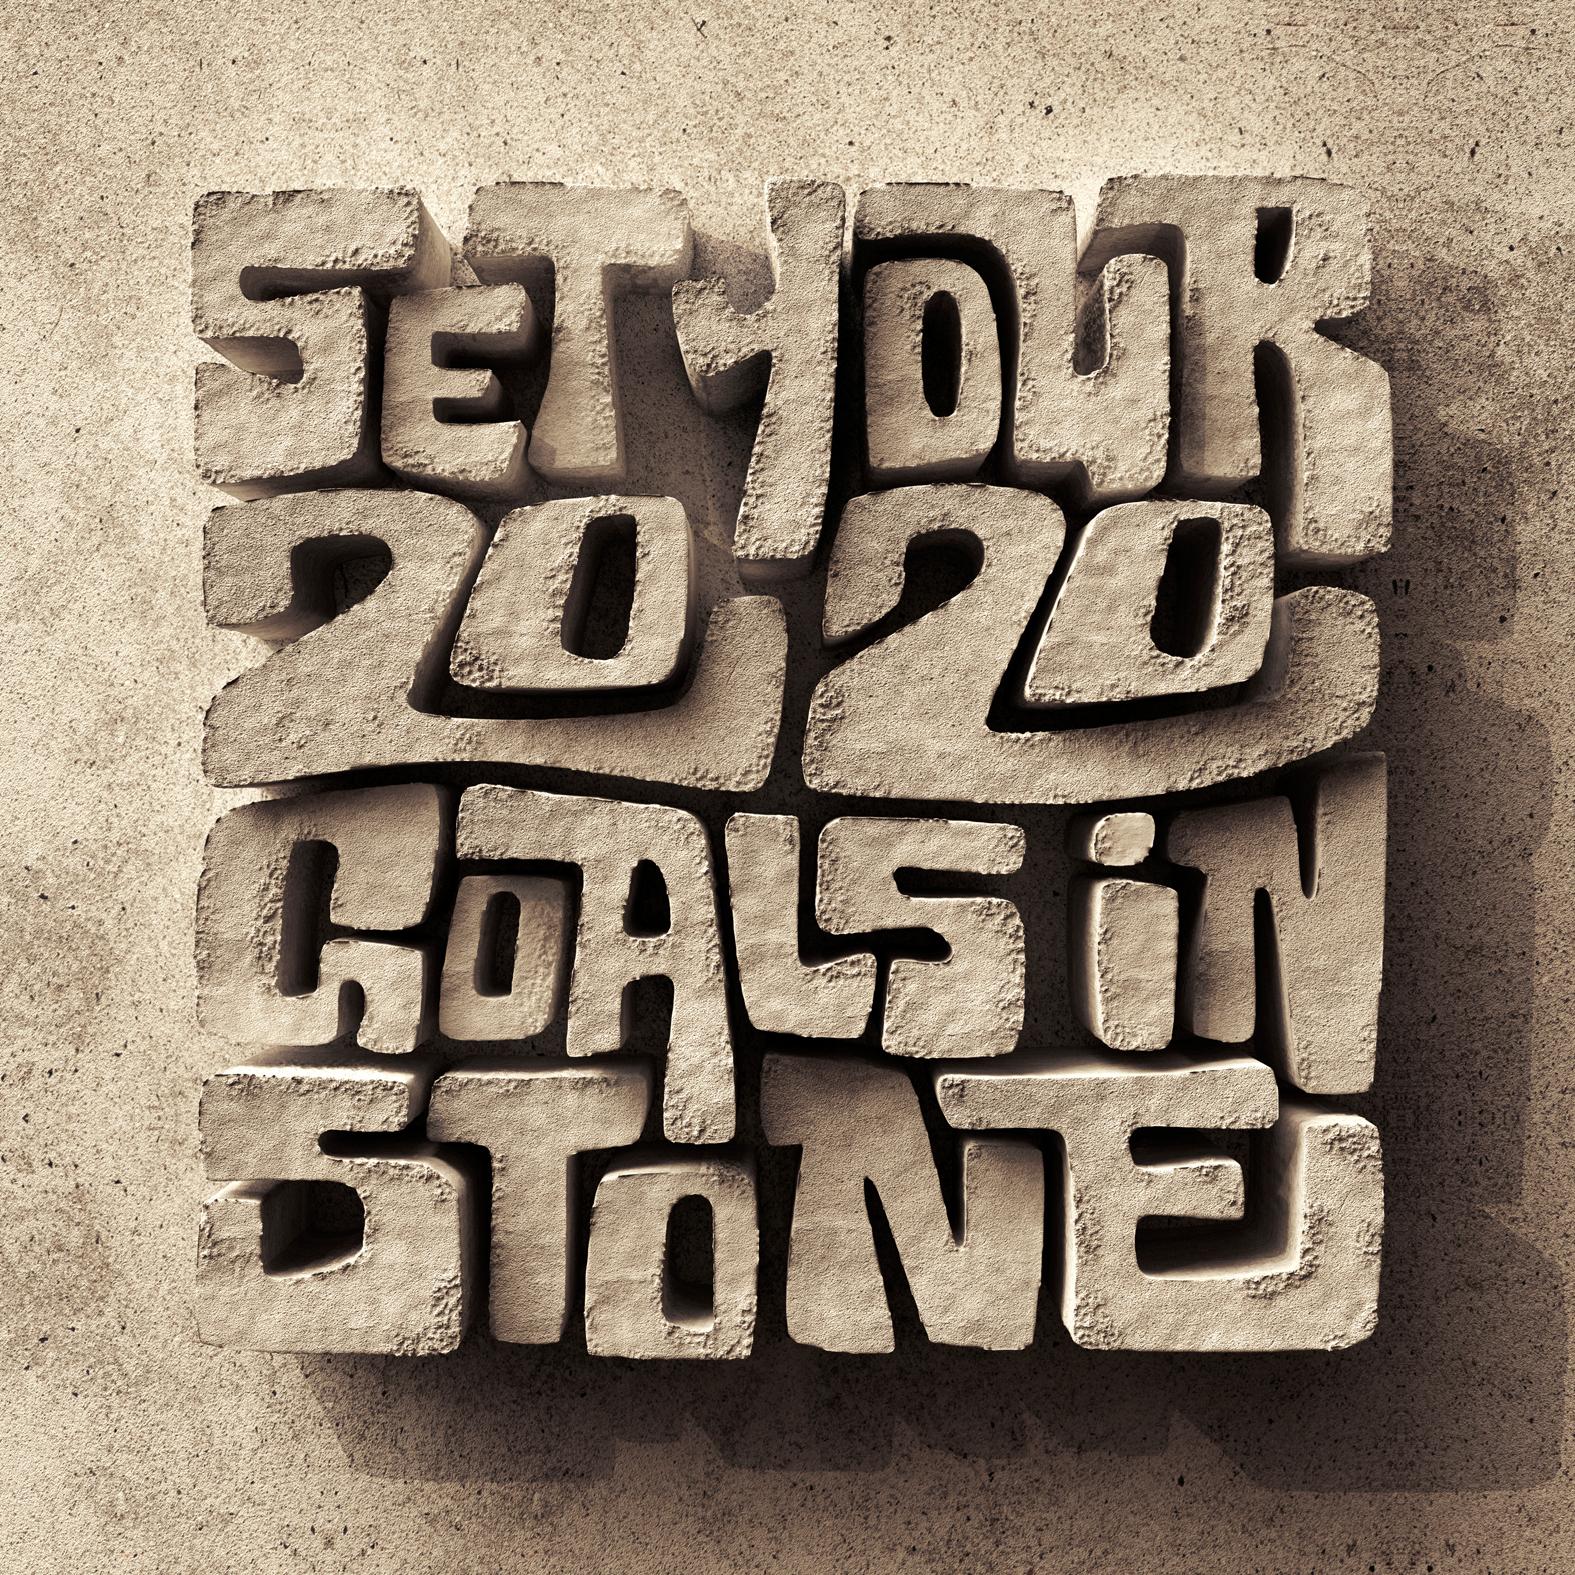 Set your 2020 goals v2i.jpg